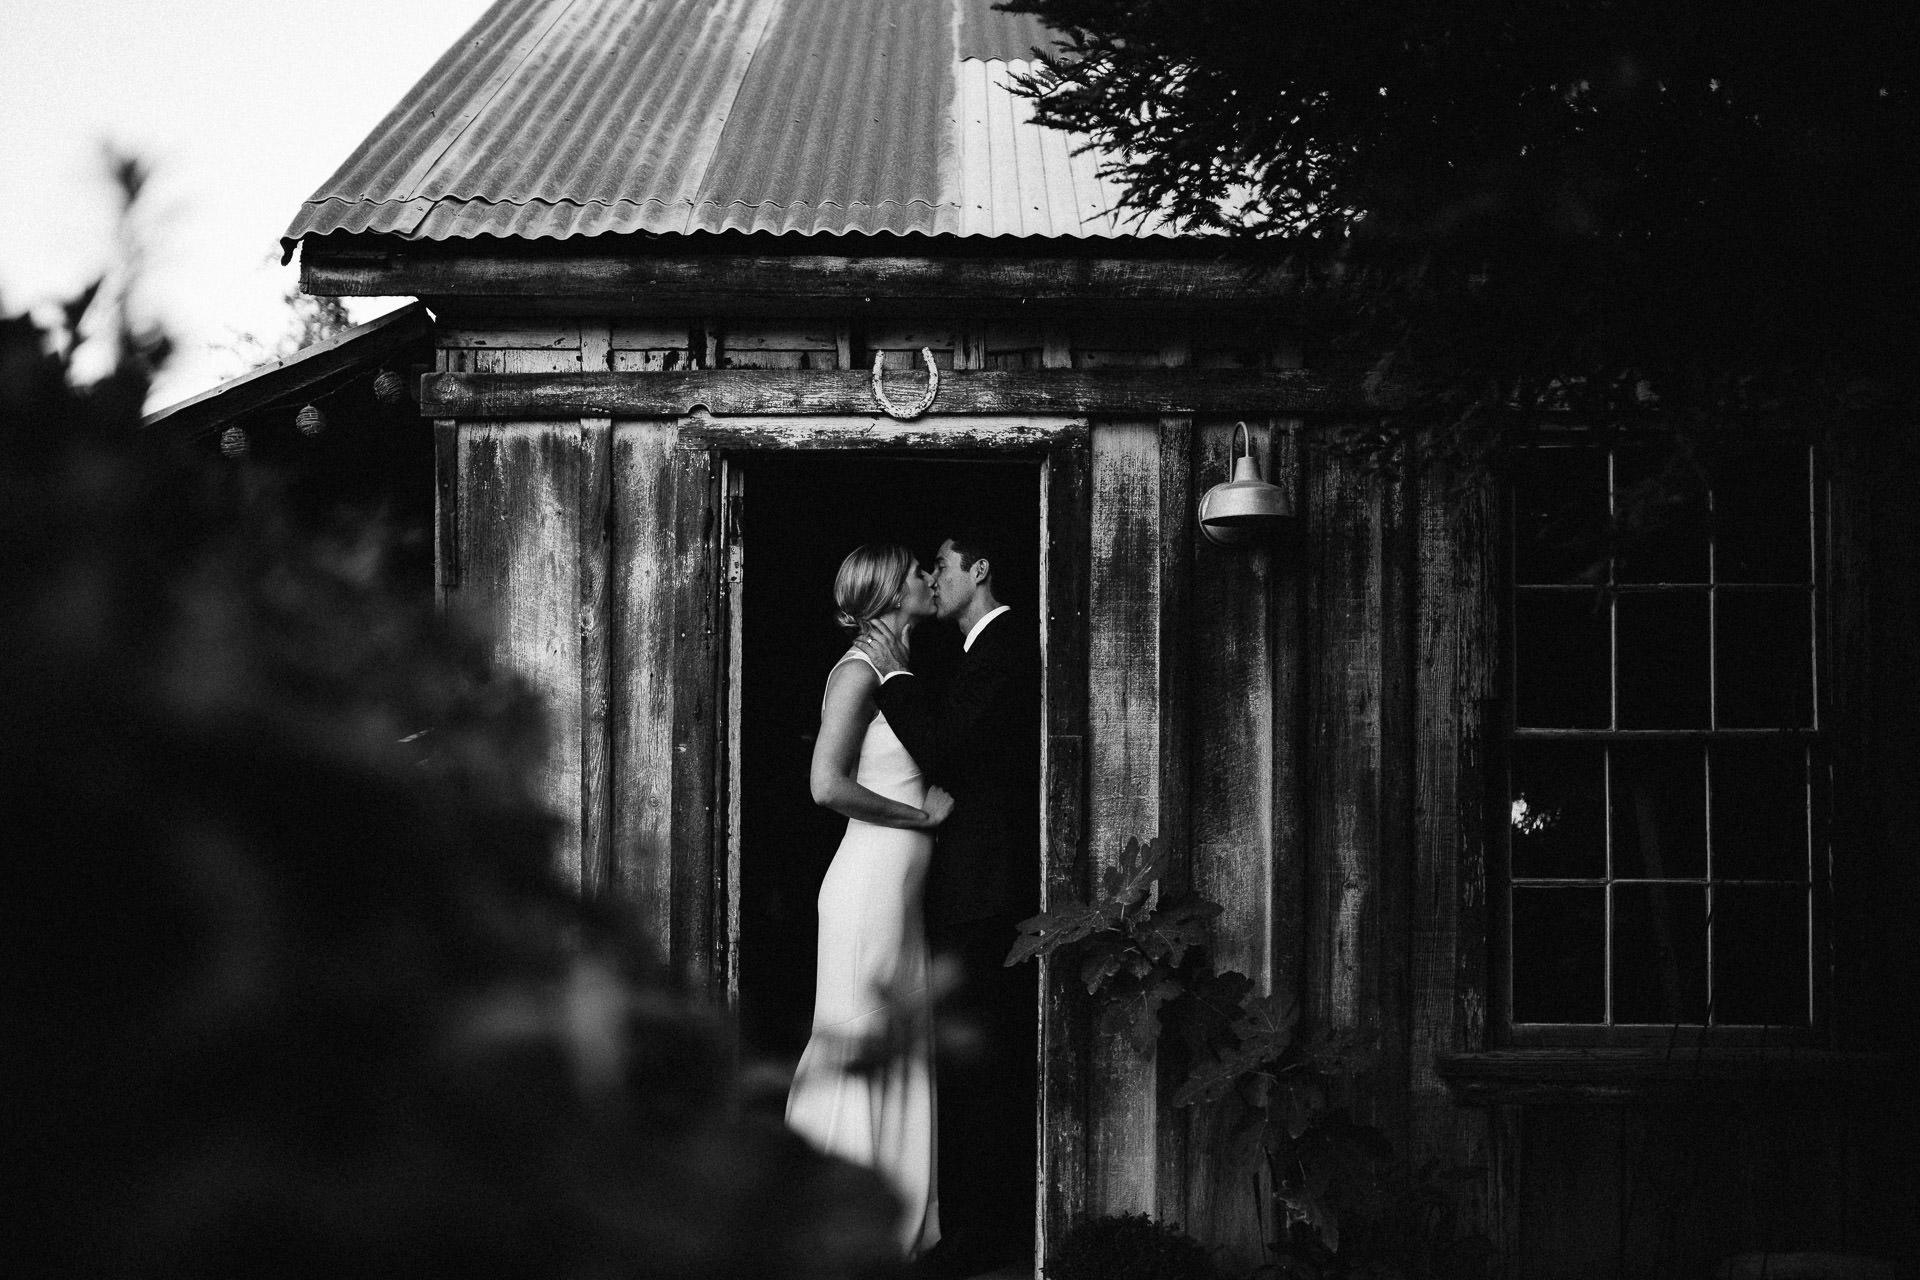 lauren_graham_wedding_california_park_winters_jeanlaurentgaudy_078